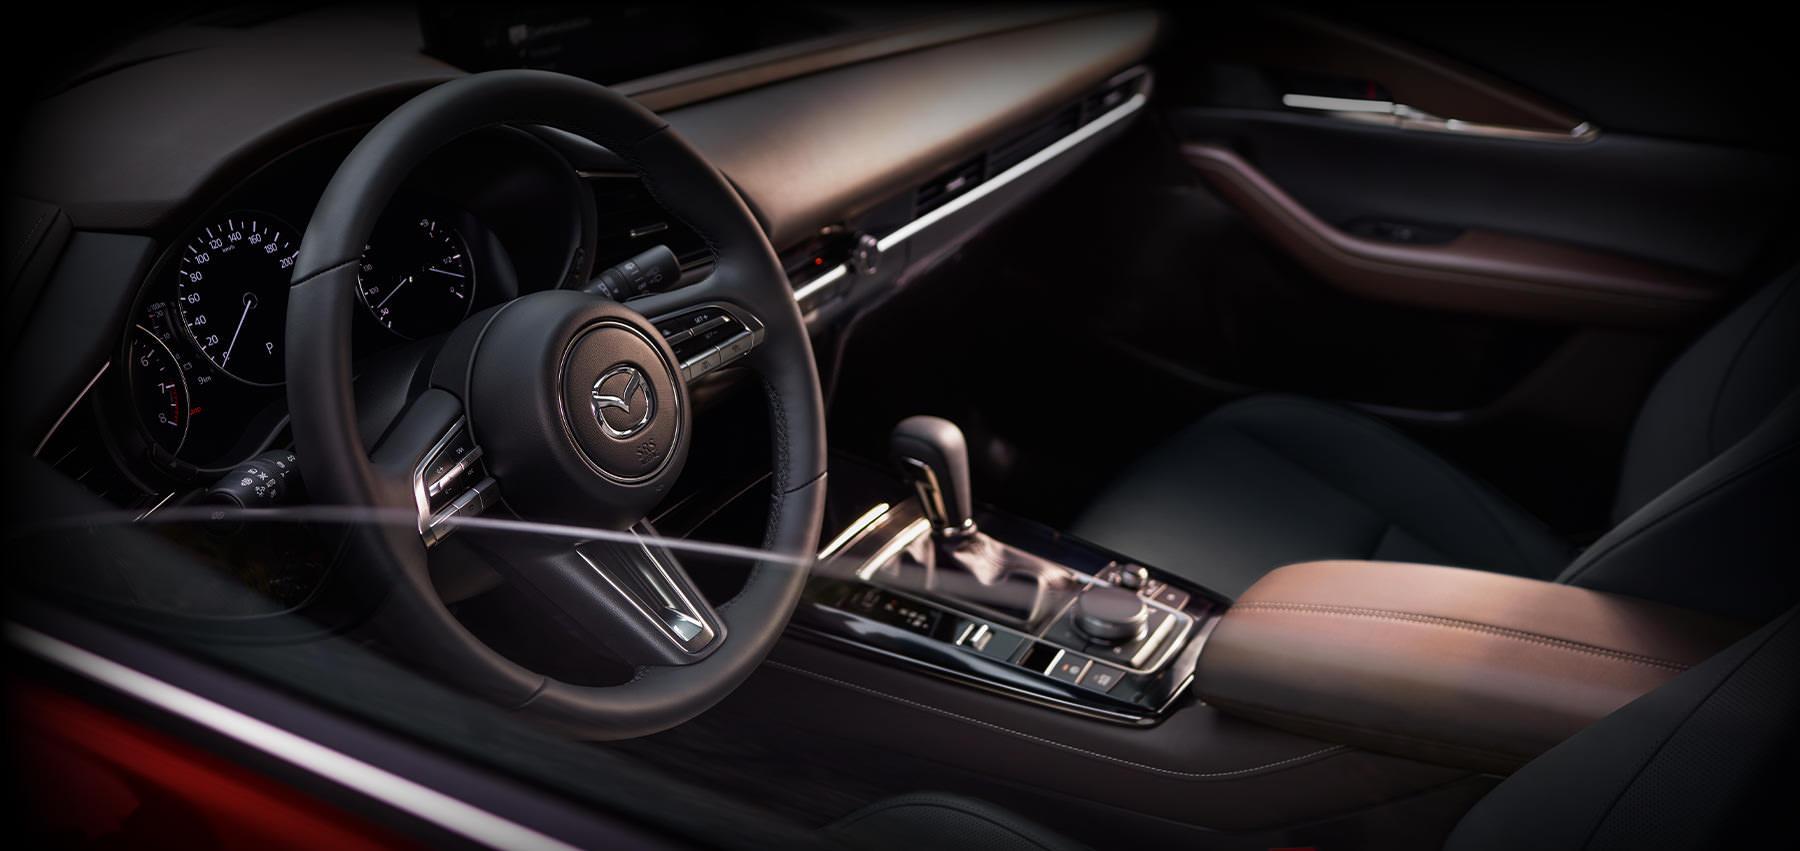 Mazda CX-30 Modellabbildung, Innenansicht auf das Fahrercockpit, Innenraumfarbe mocca